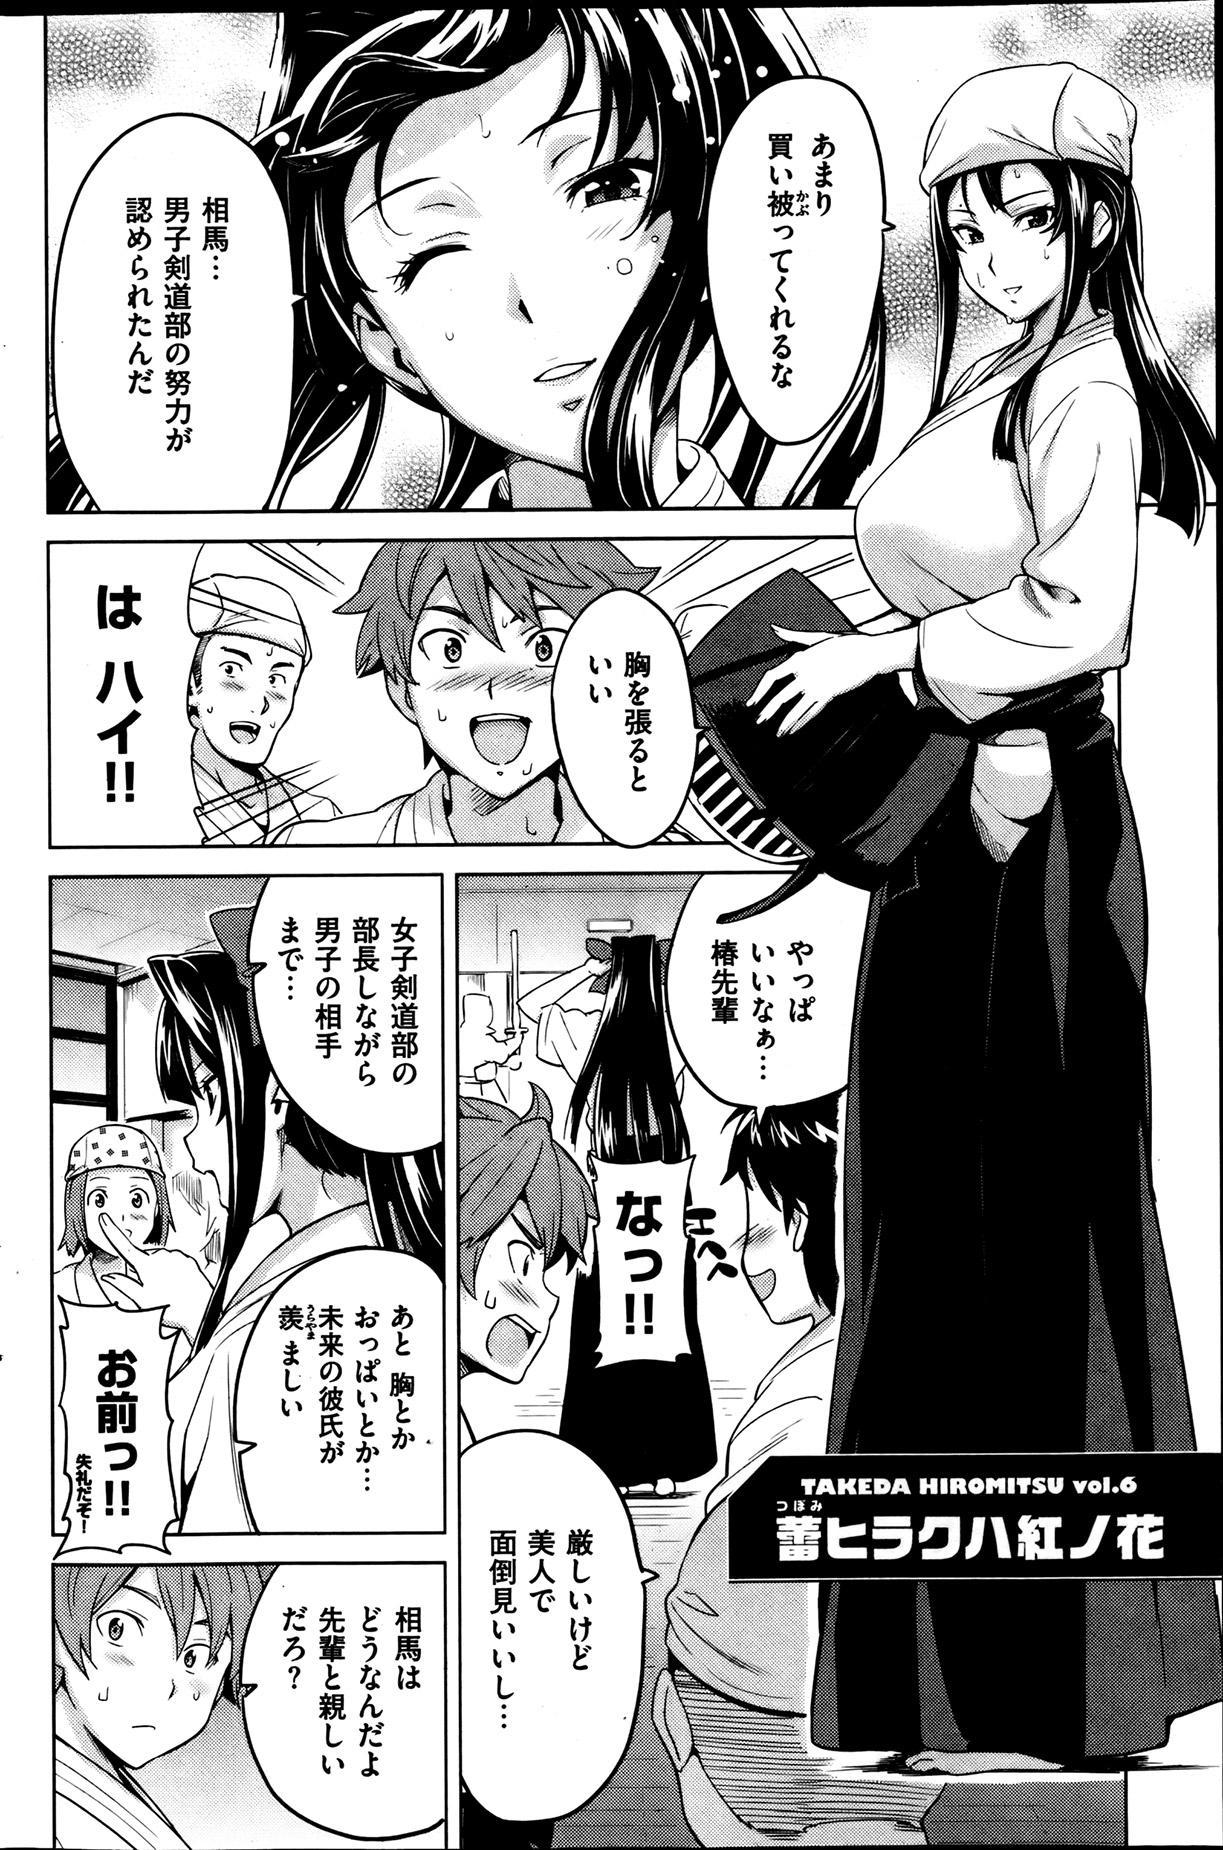 COMIC HANA-MAN 2013-08 Takeda Hiromitsu Tokushuu 105